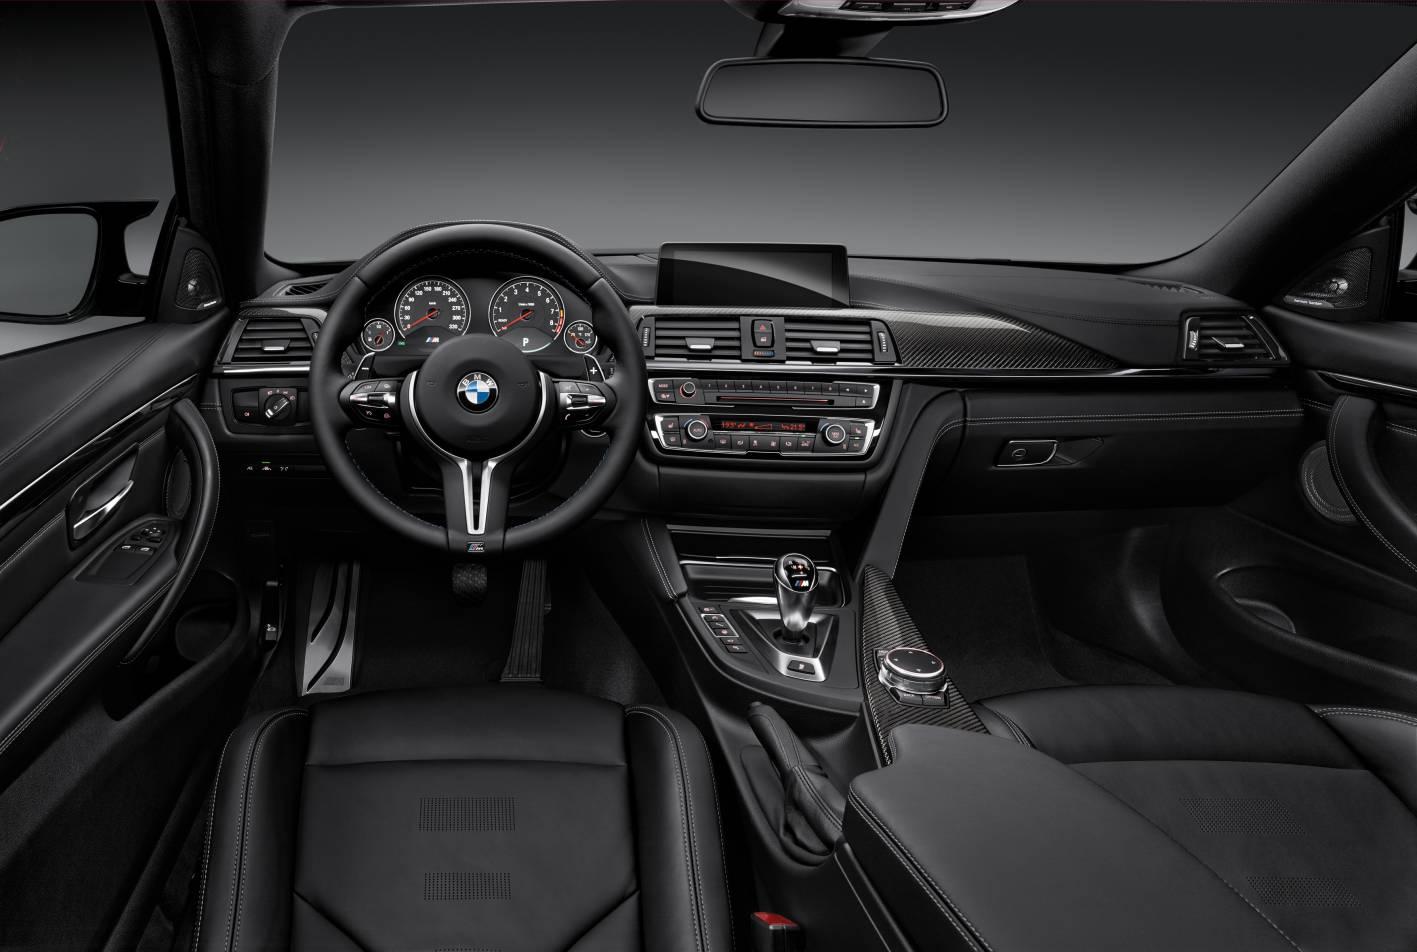 BMW M Coupeinterior - 2014 bmw m4 msrp